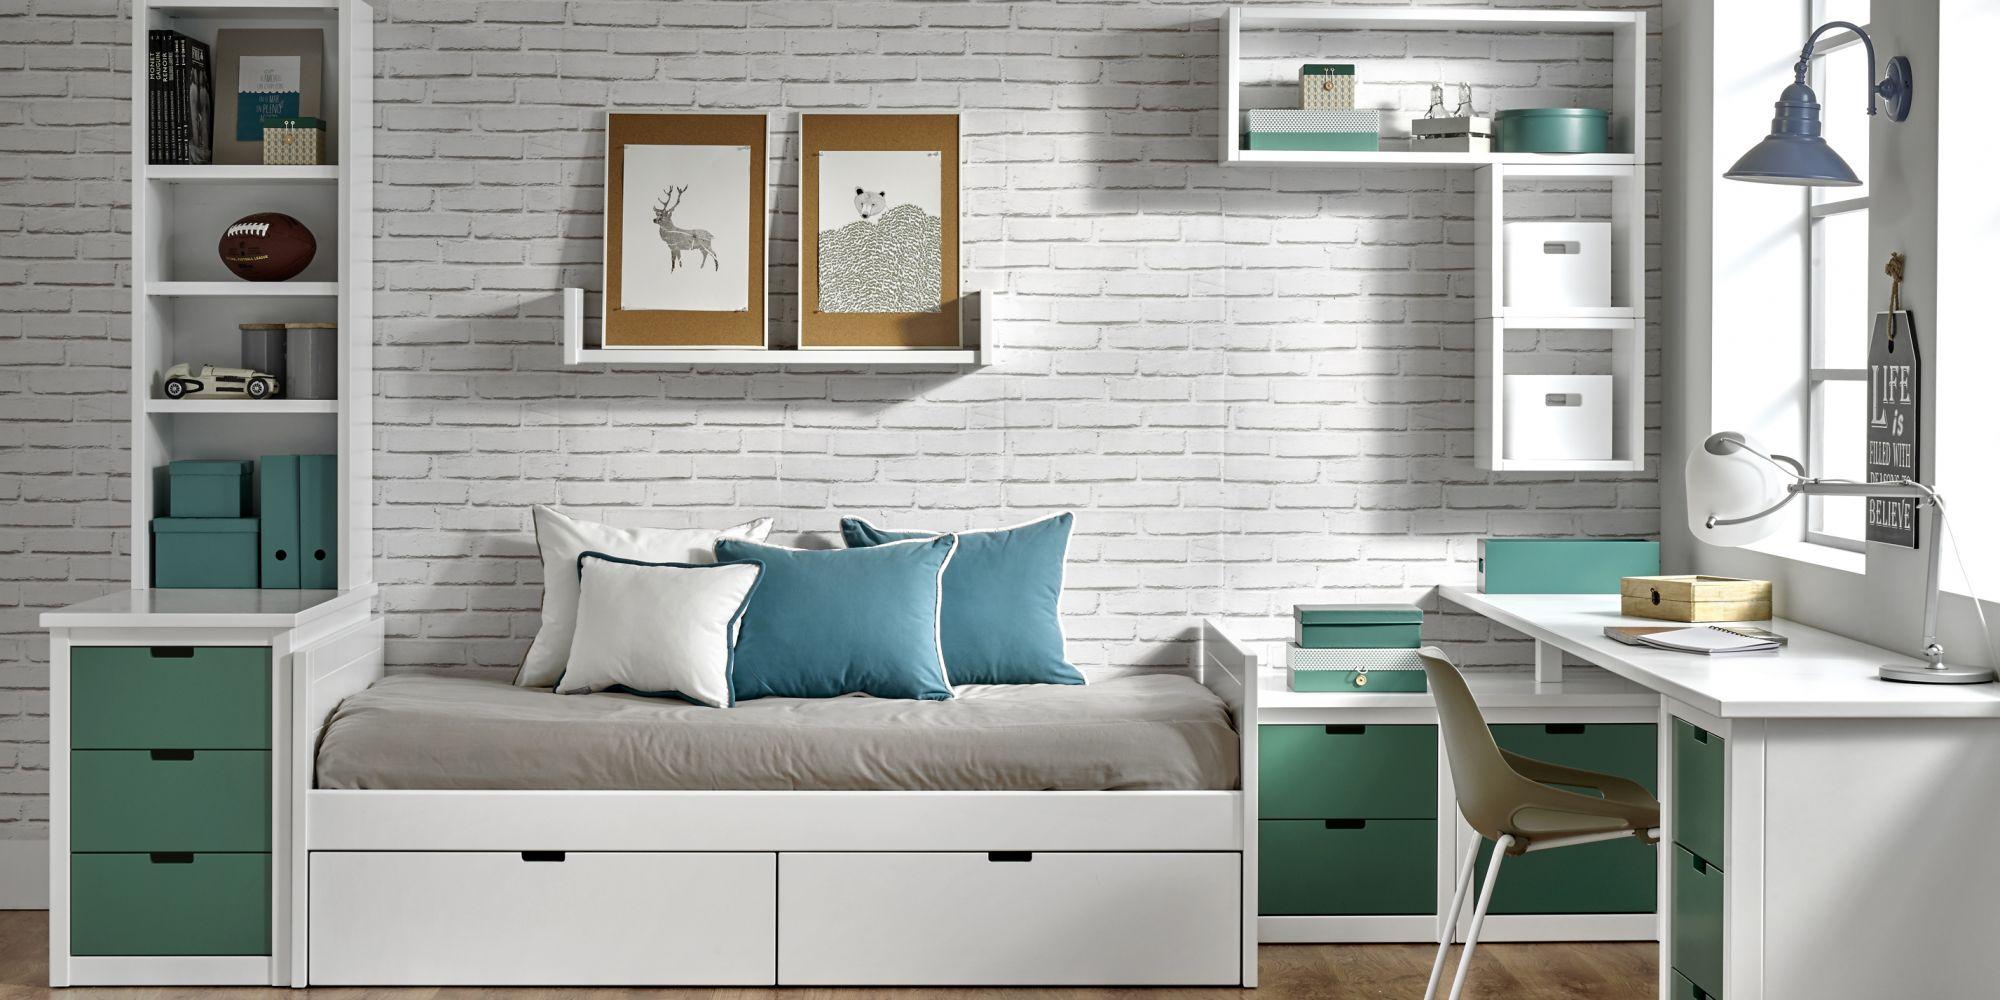 Nido con 2 cajones y zona de estudio ideal para habitación juvenil | Mueble Juvenil